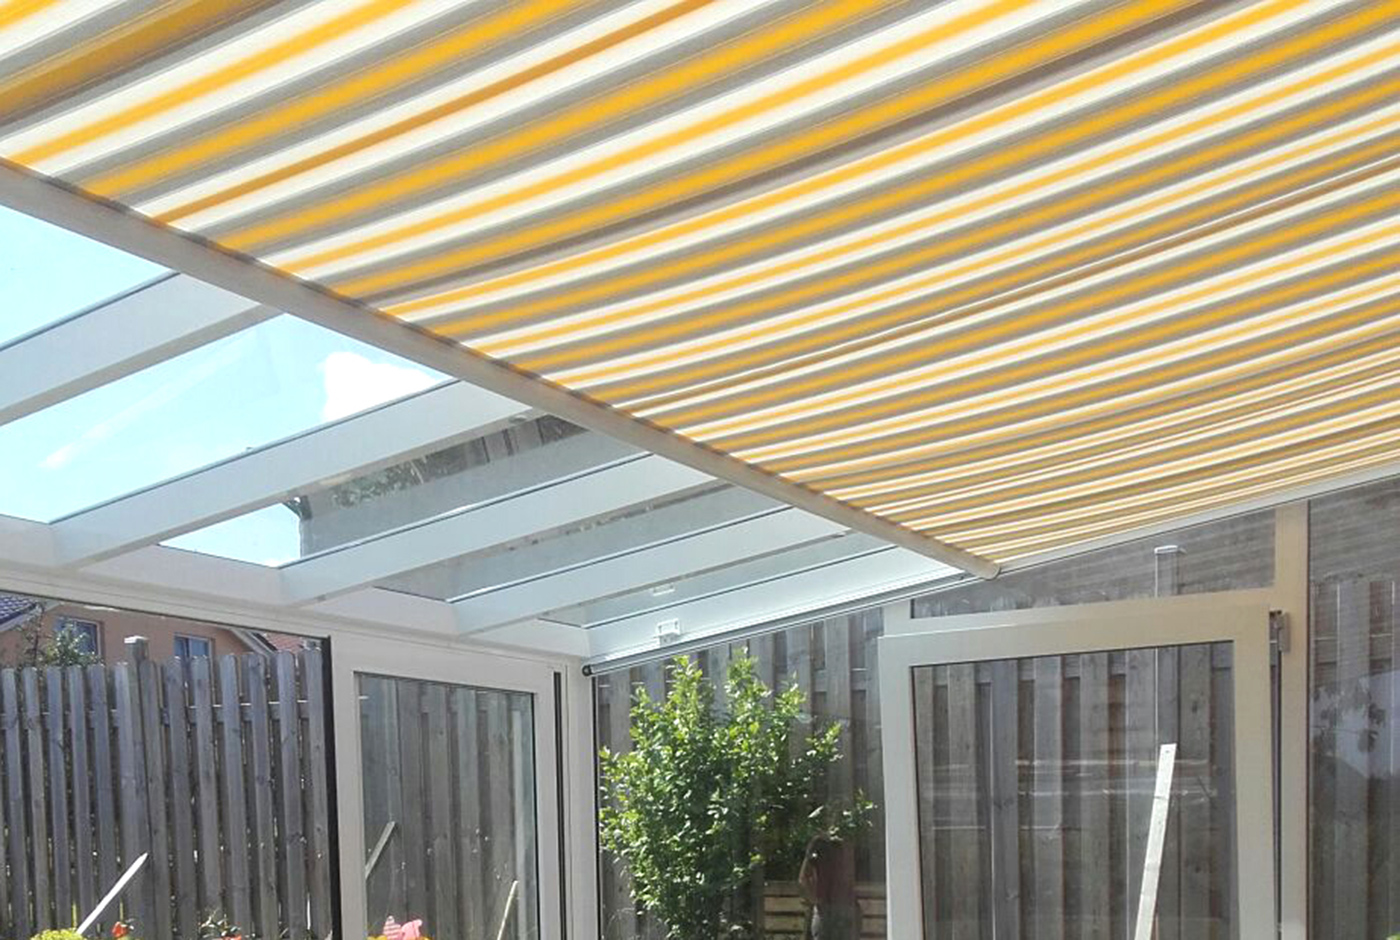 sonnenschutz f r die terrasse welche m glichkeiten gibt es. Black Bedroom Furniture Sets. Home Design Ideas